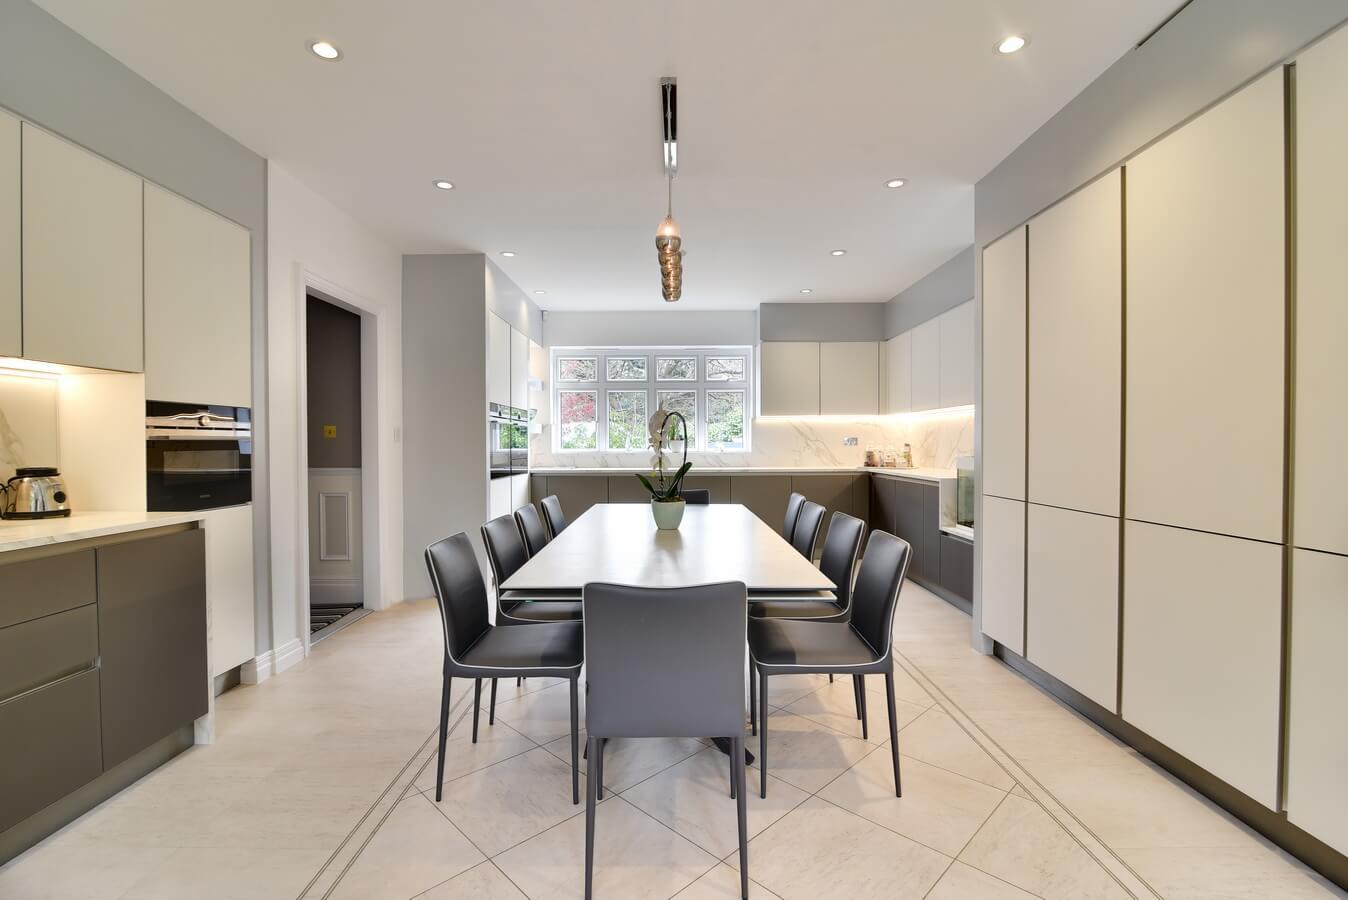 Bright-white-glass-door-Next125-Kitchen-Dining.jpg